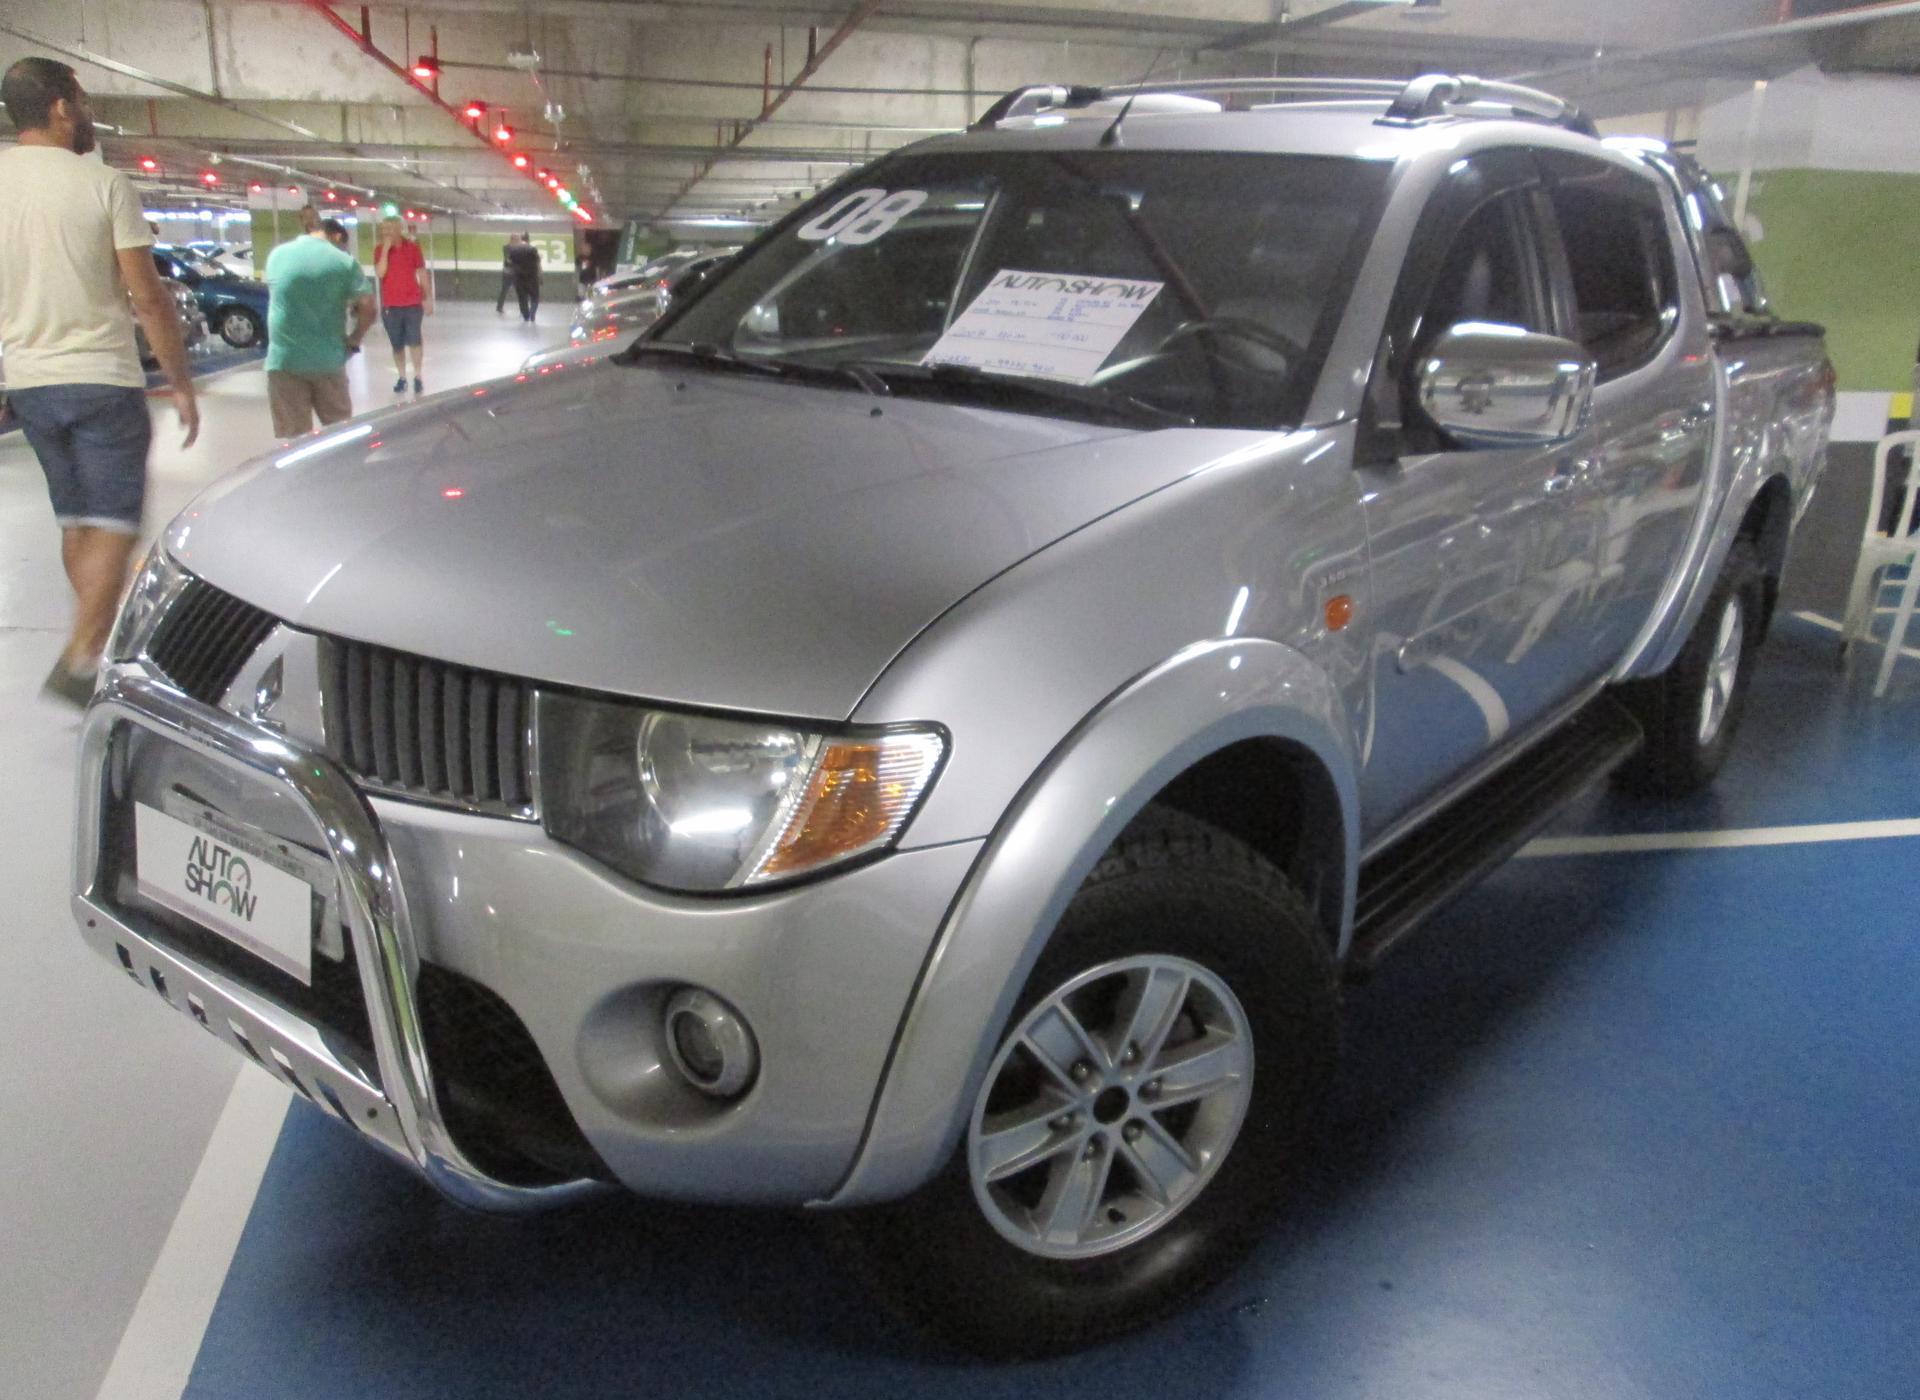 Feirão Auto Show Shopping ABC - MITSUBISHI L200 TRITON HPE 3.5 CD V6 24V FLEX AUT. 2007-2008